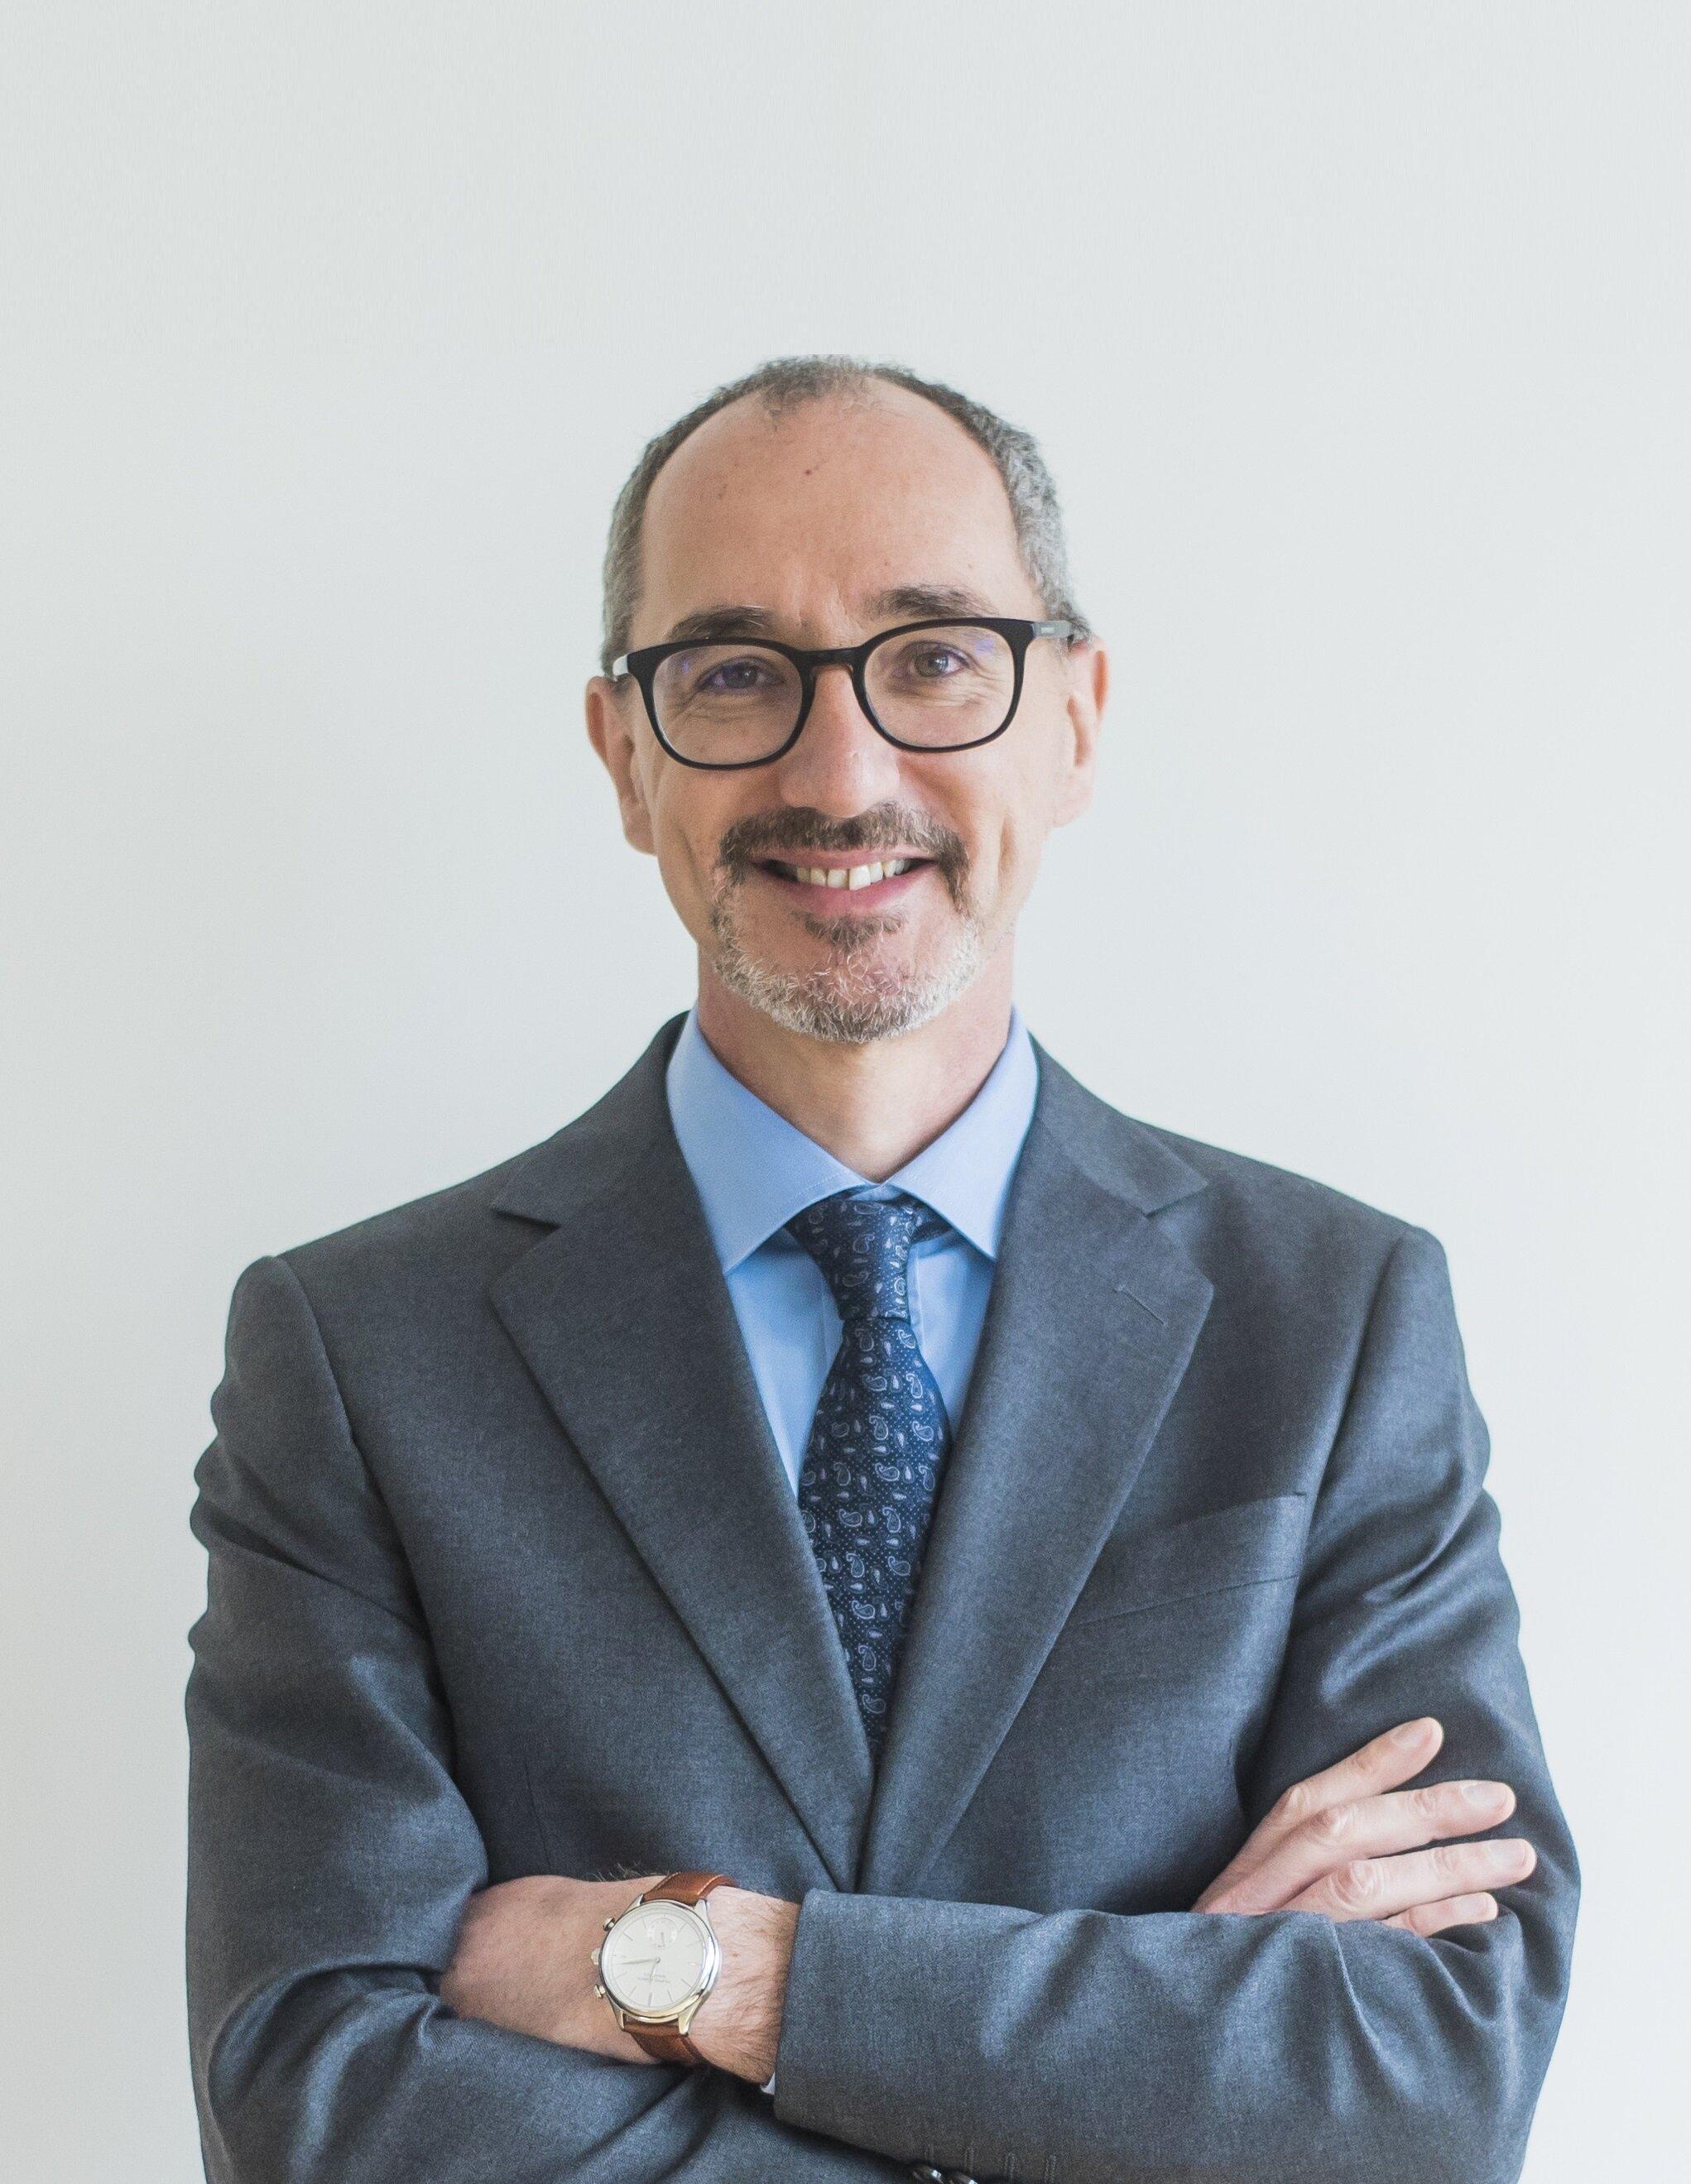 Paolo Falcioni - Director General of APPLiA